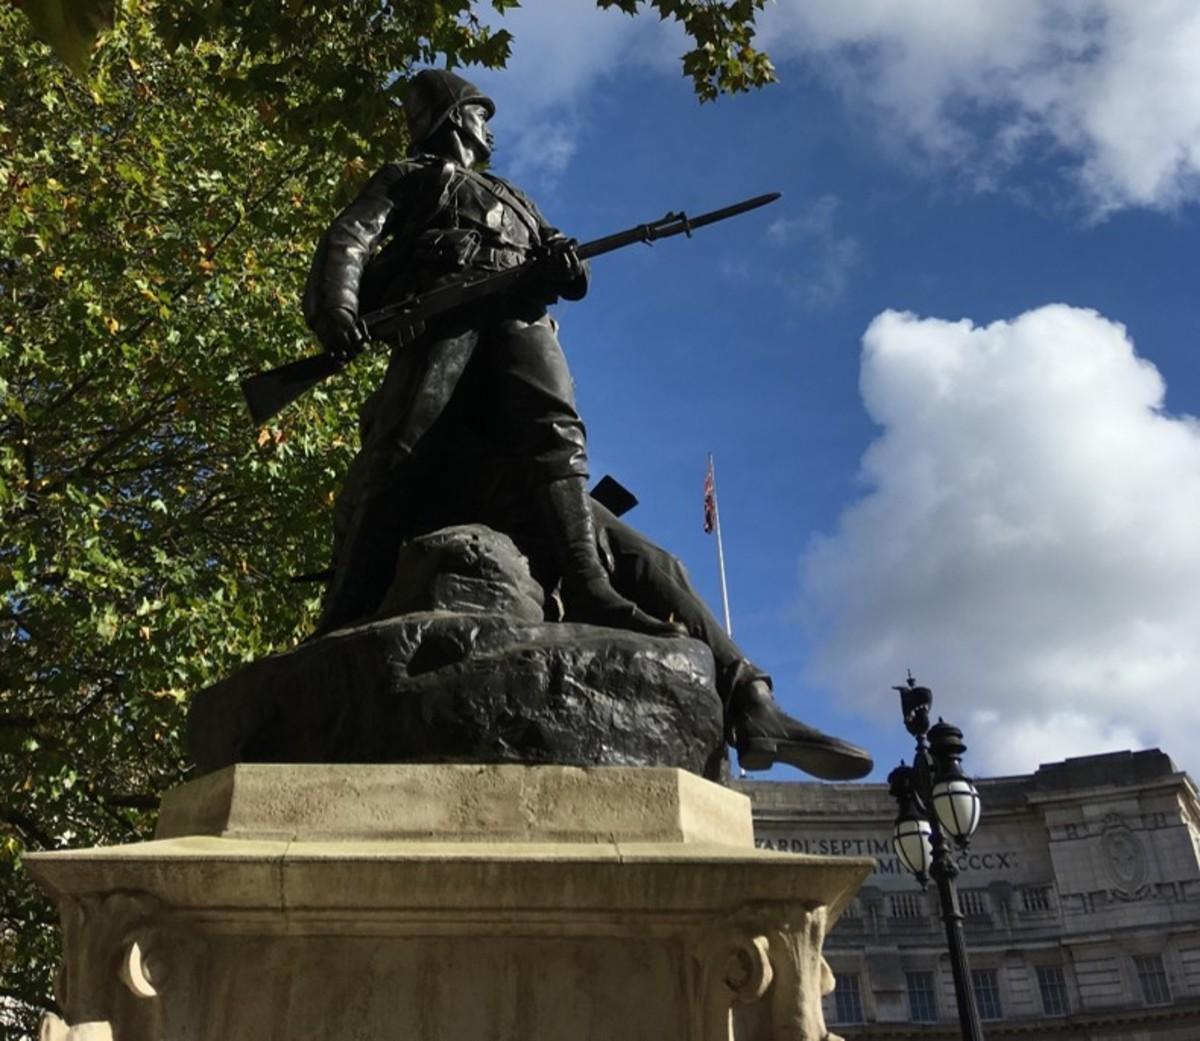 The Royal Marines Memorial in London